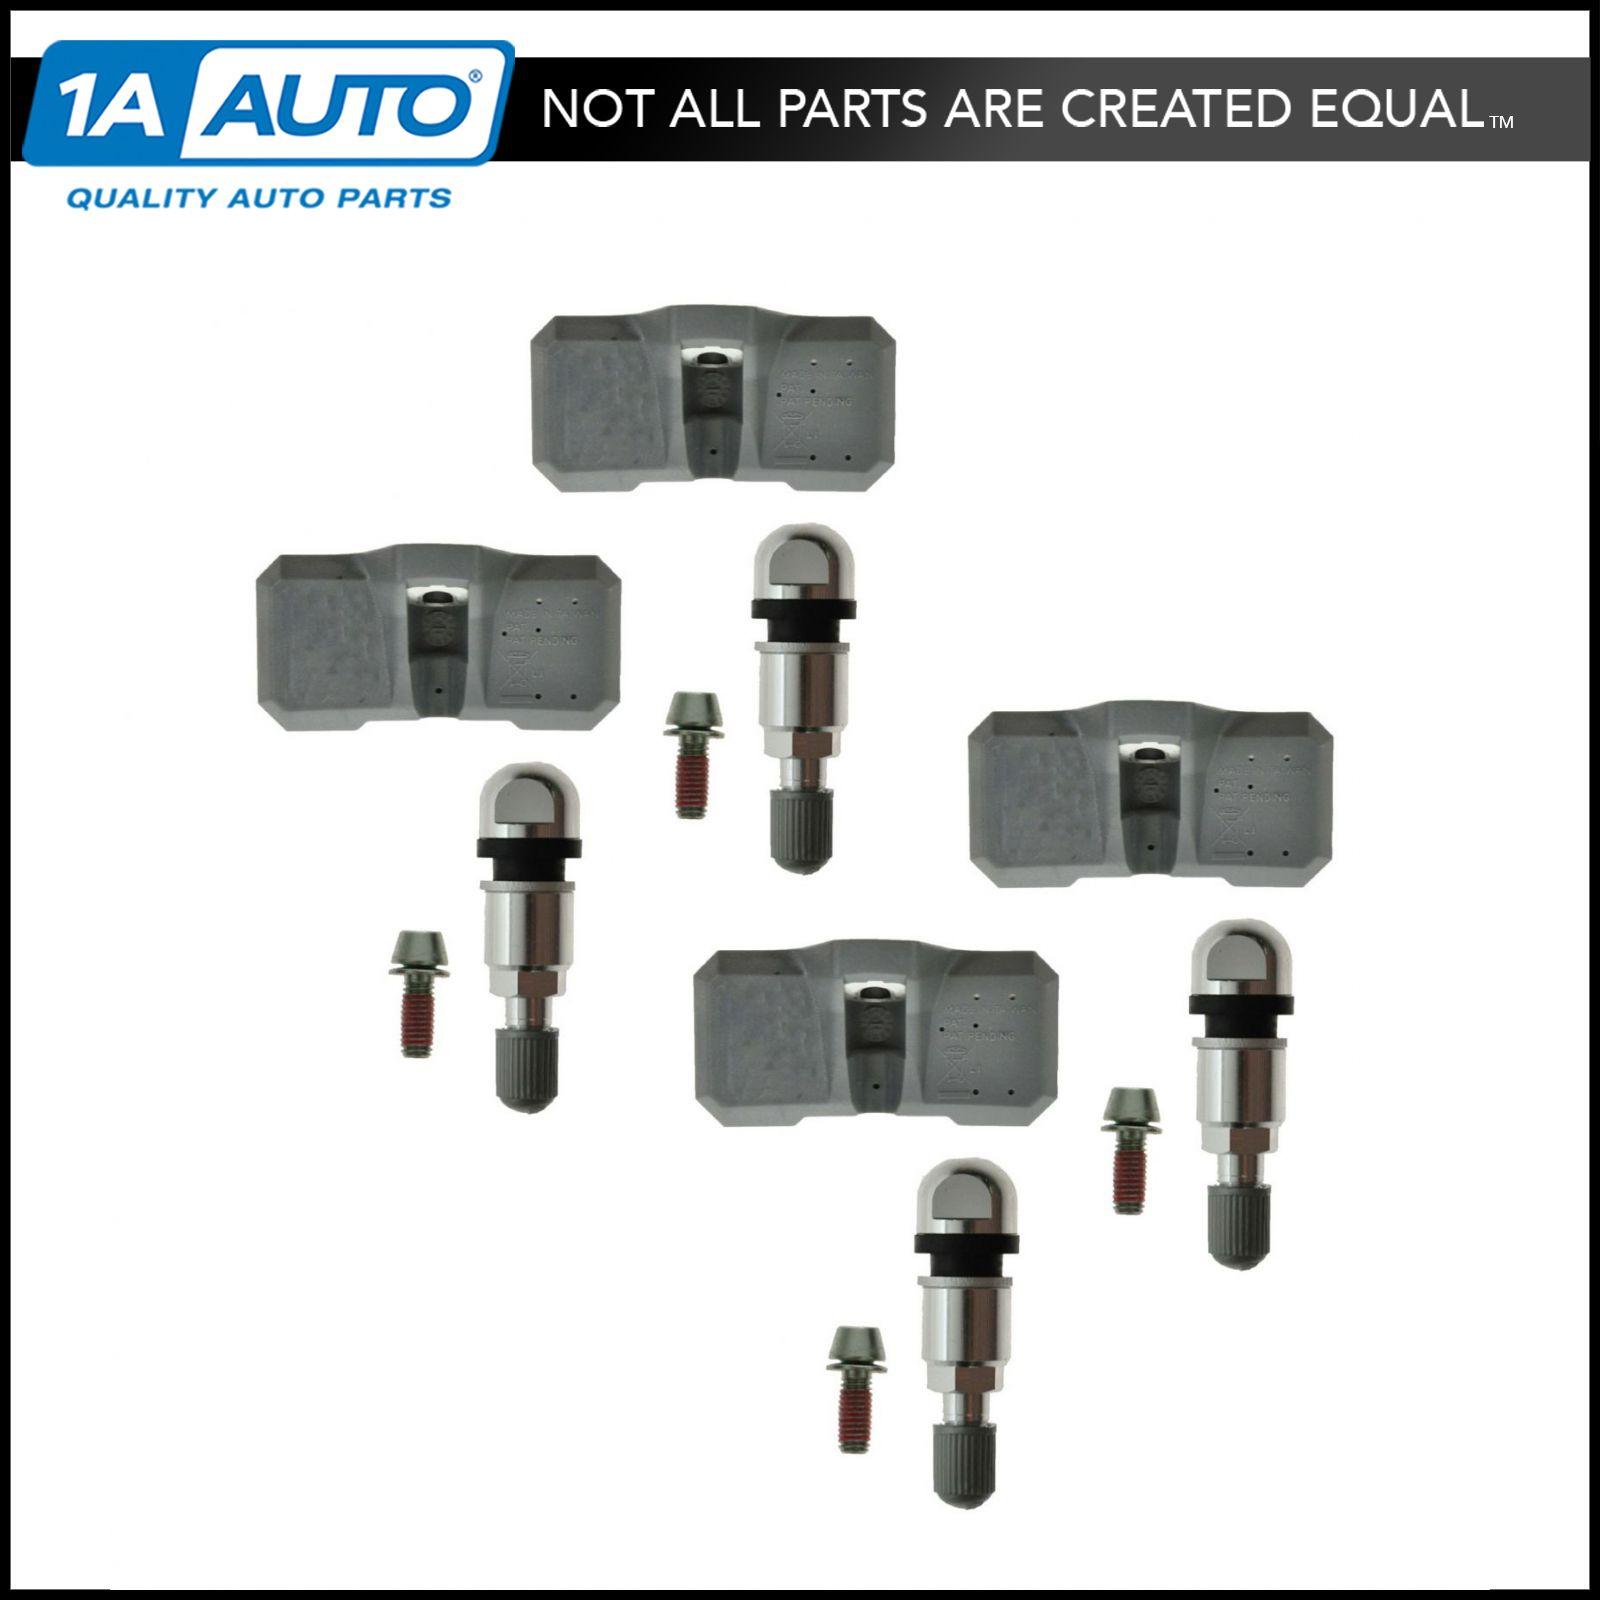 TPMS Tire Pressure Sensors for 2001 2002 2003 2004 Chevy Chevrolet Corvette 4